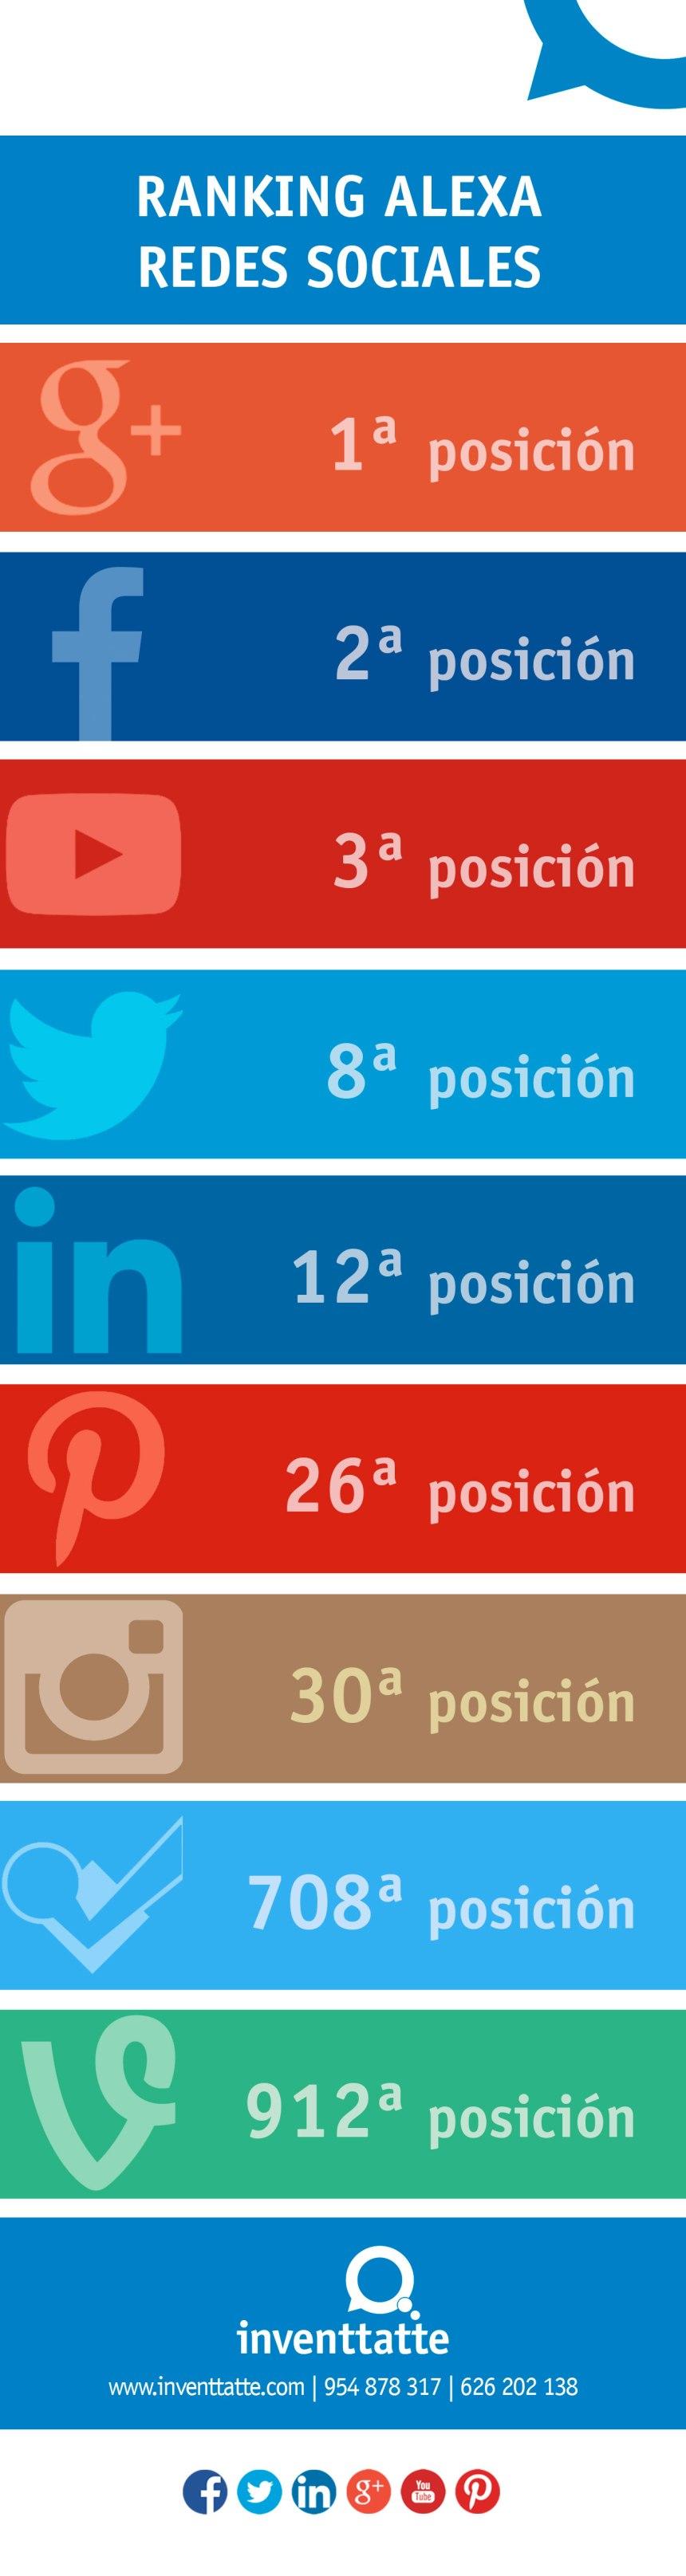 Ranking Alexa de las Redes Sociales